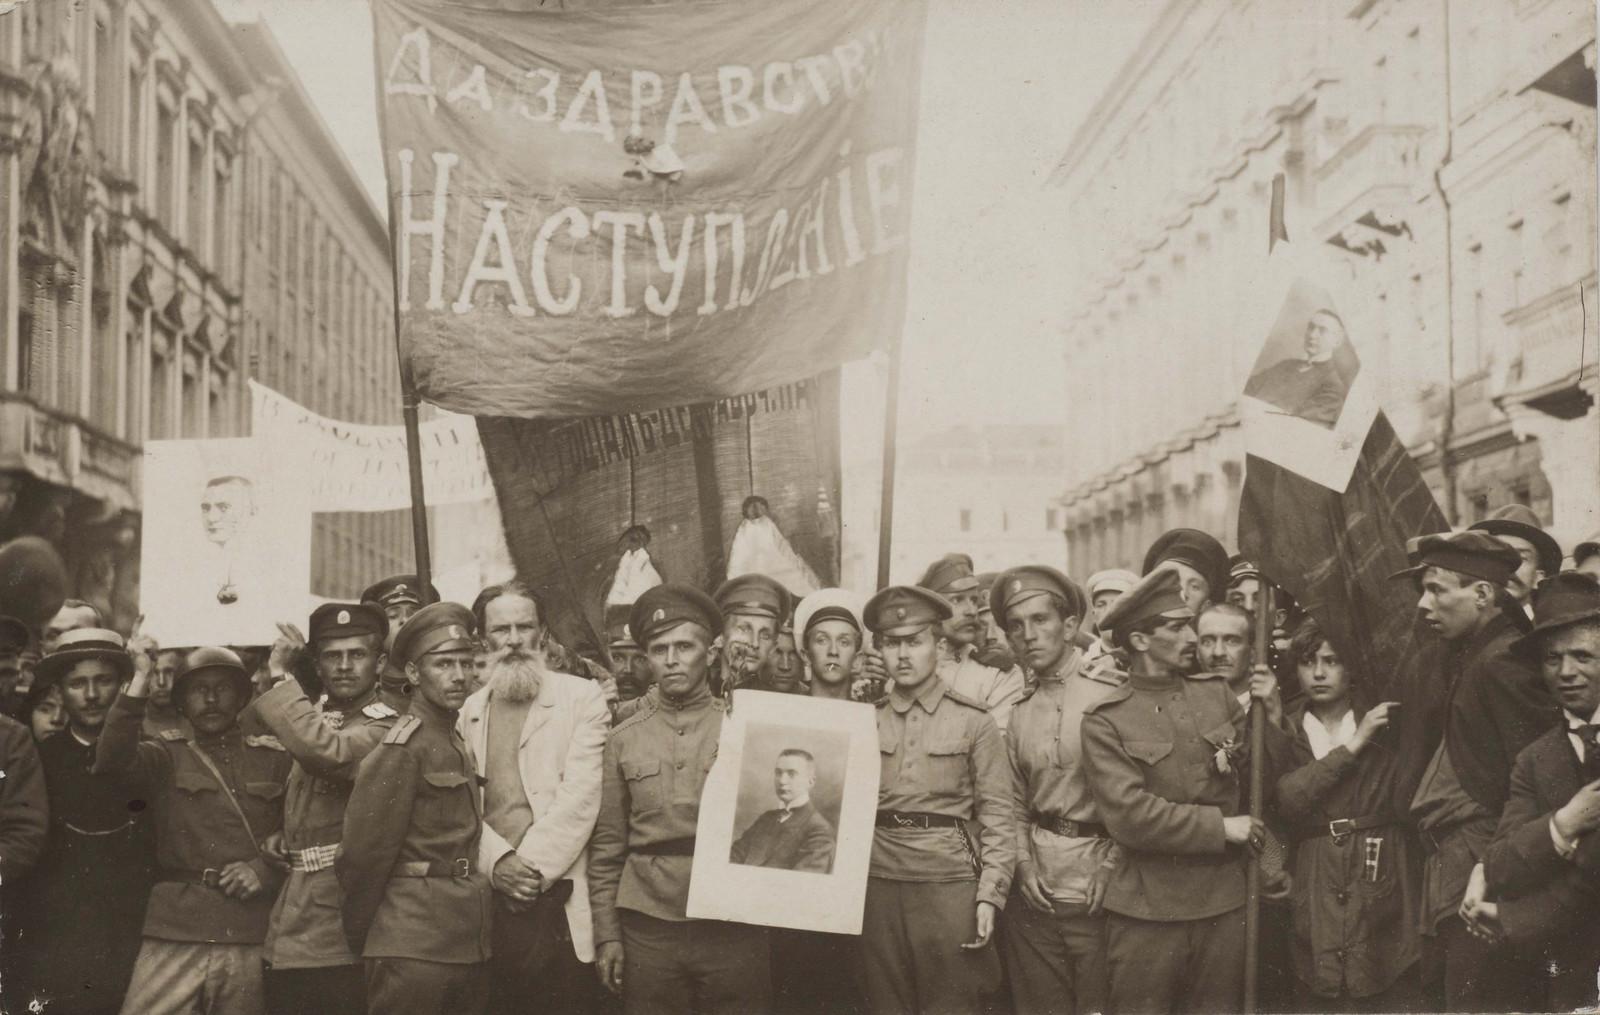 20 июня. Демонстрация в Петрограде по поводу наступления на фронте